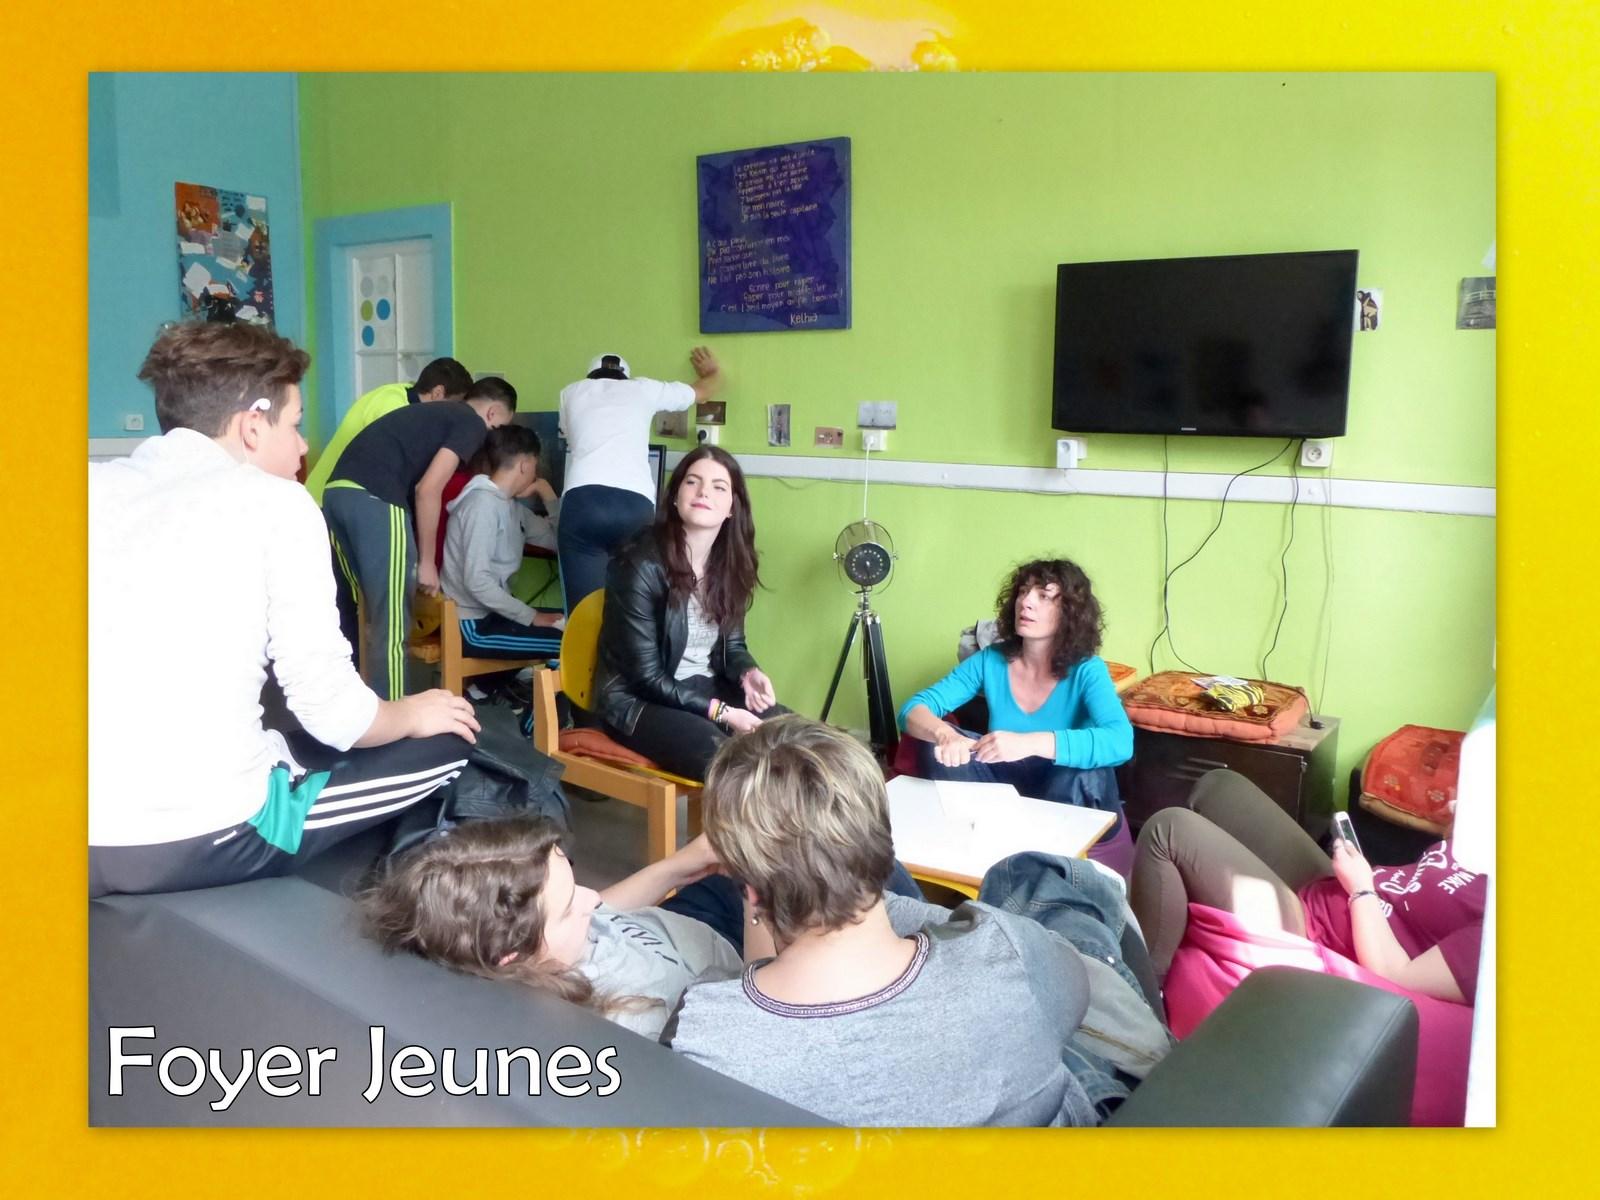 Foyers Jeunes1 (1)